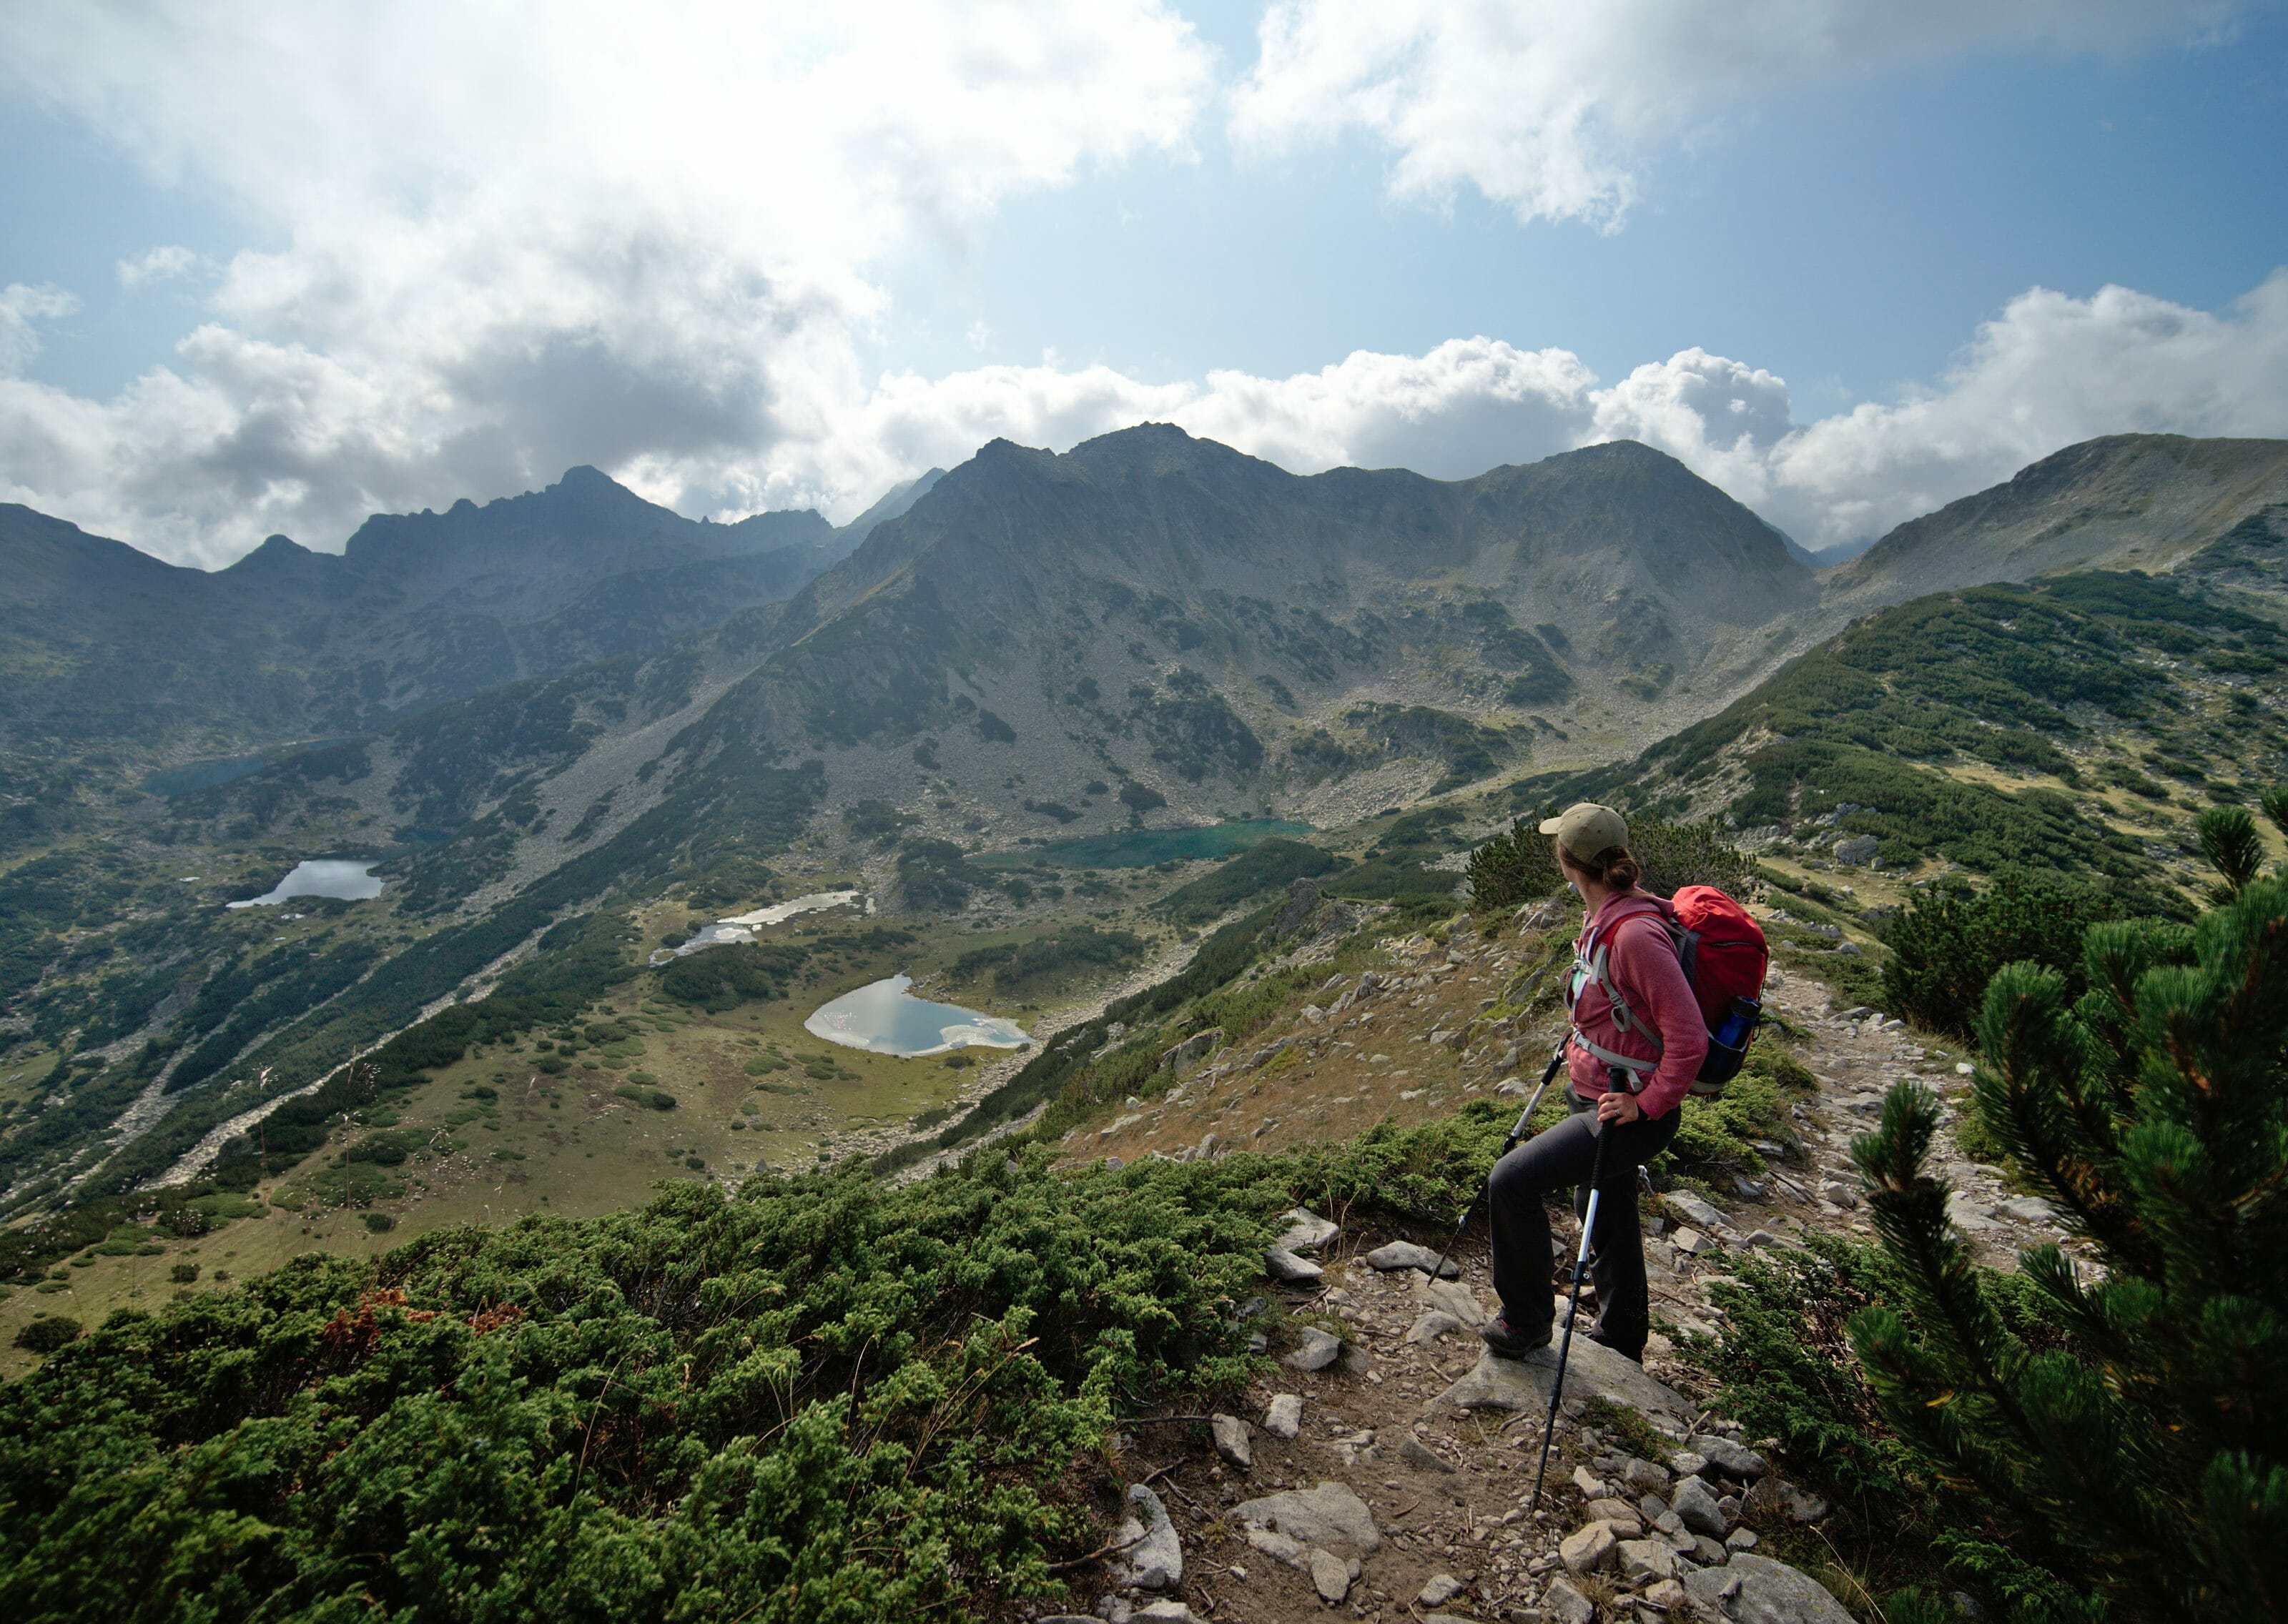 pirin national park panorama